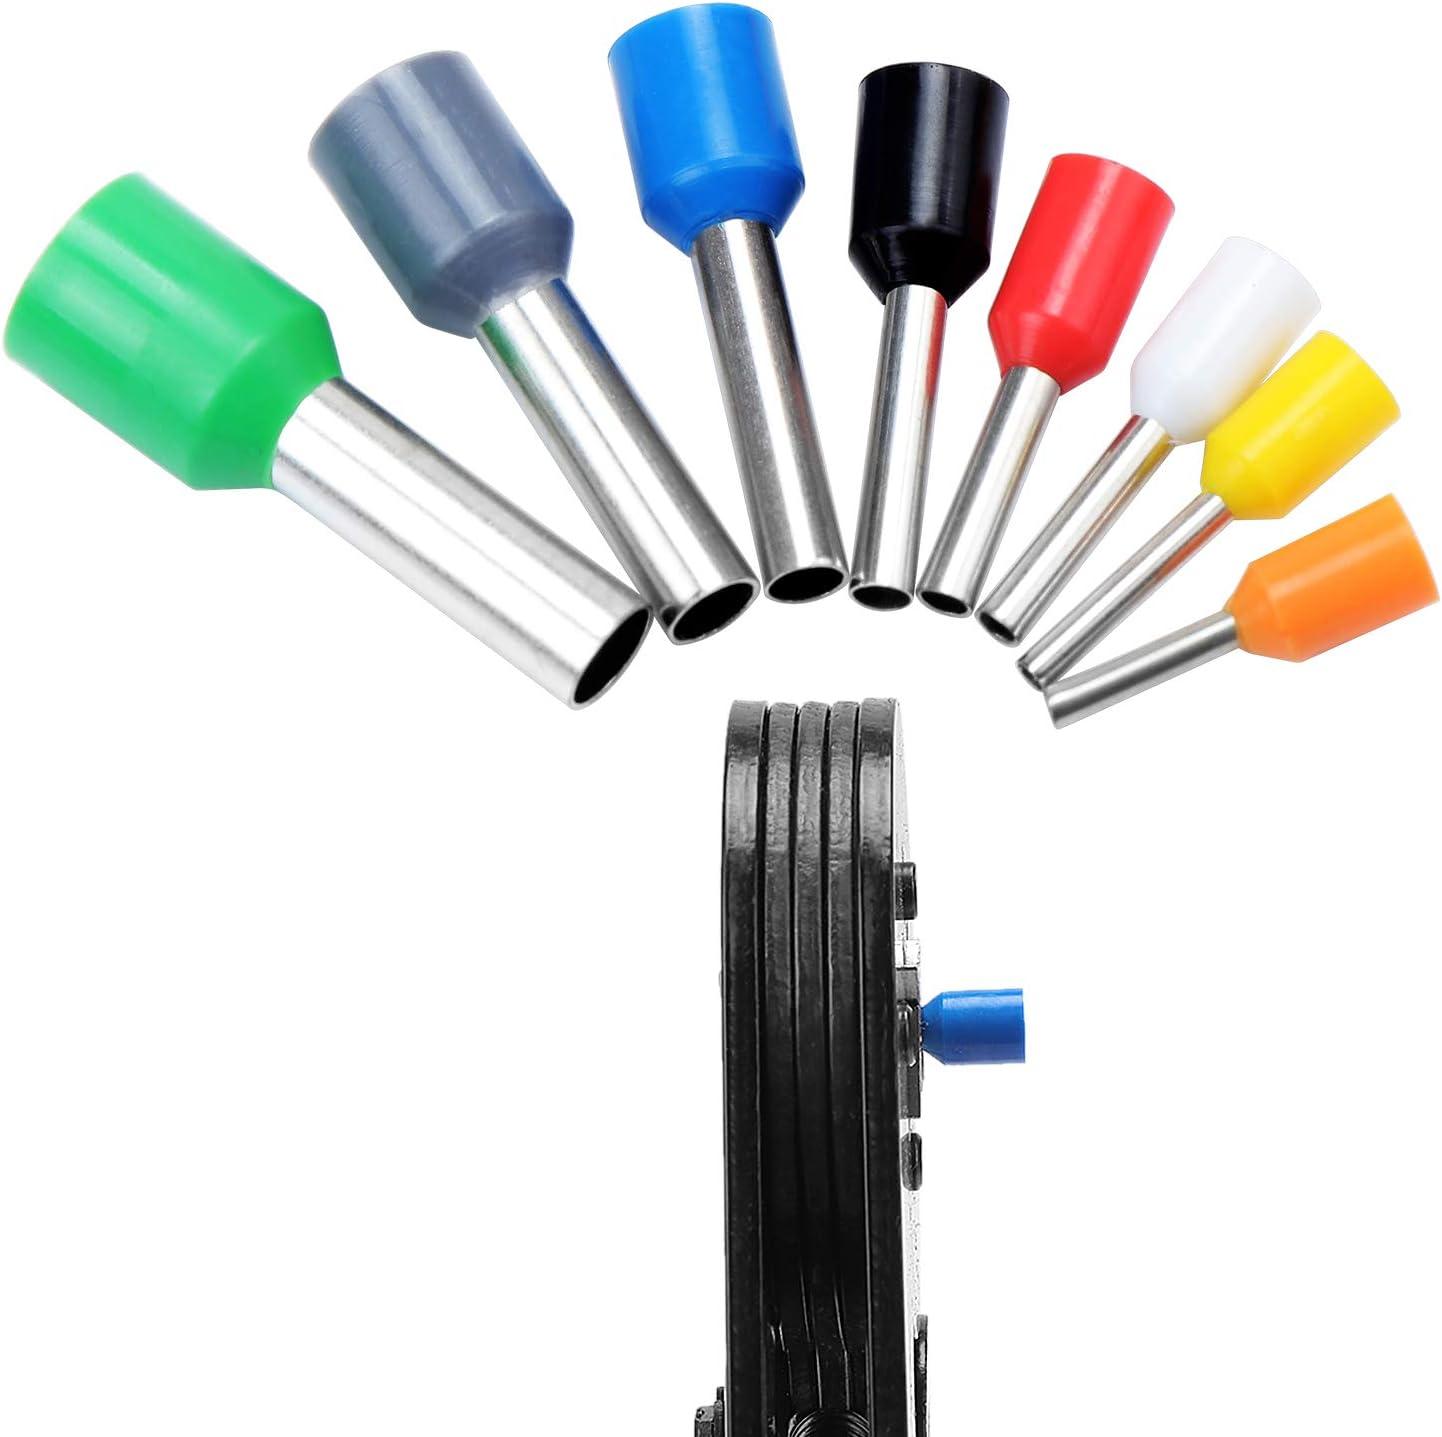 Pince de Sertissage avec 800PCS fils Ferrules dextr/émit/é AWG 23-10 WiMas Pince /à sertir Outil de Sertissage de Fil /à Cliquet R/églable 0.25-6.0mm/²